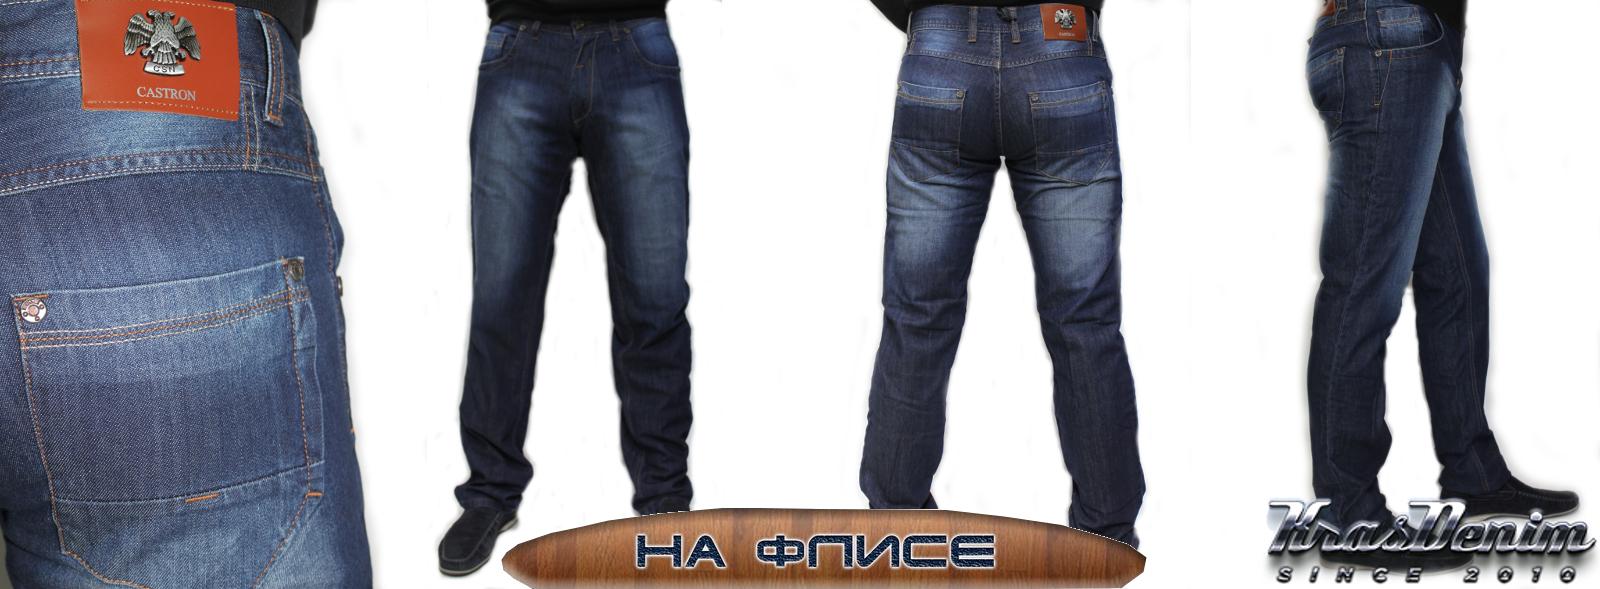 Появились две модельки утепленные в мужских джинсах. Цена 850 р.